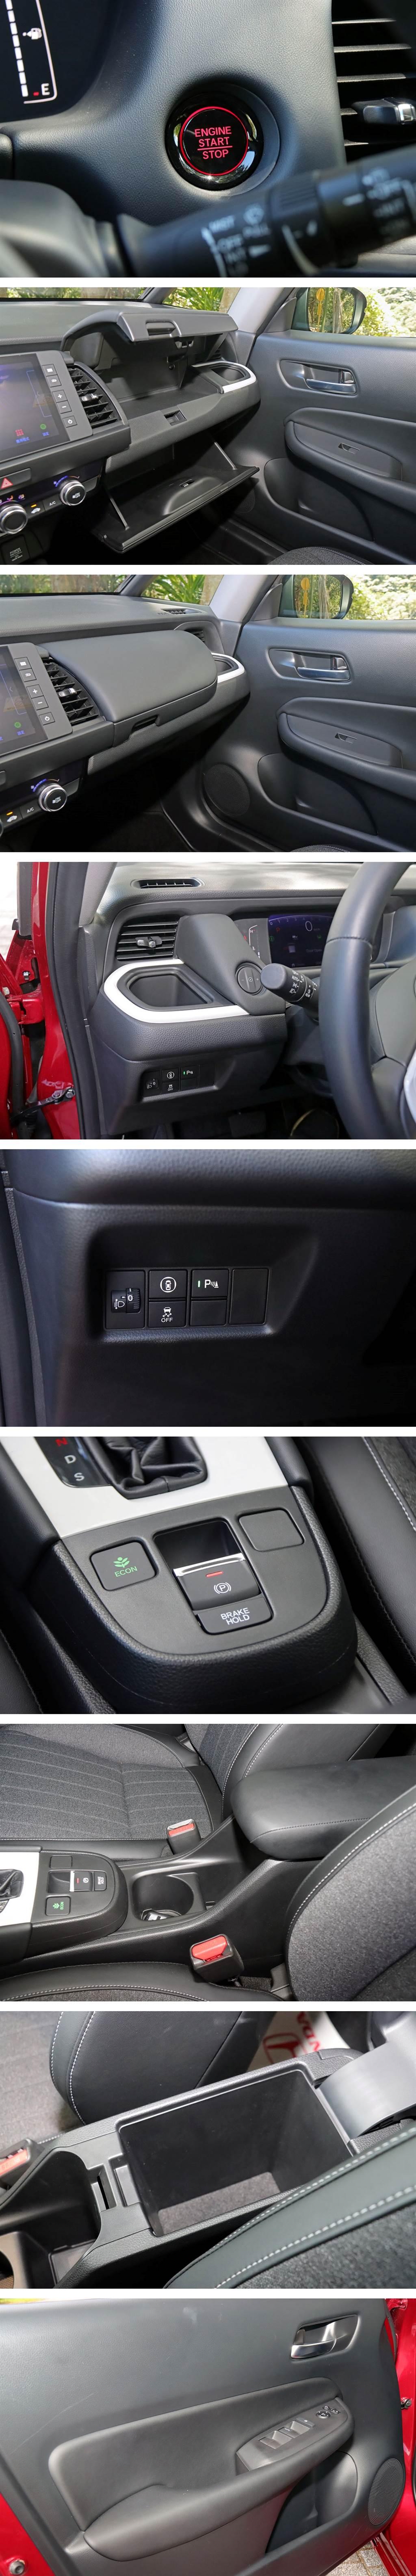 這次不僅門板包皮,連把手處也是皮革處理。(圖/CarStuff)